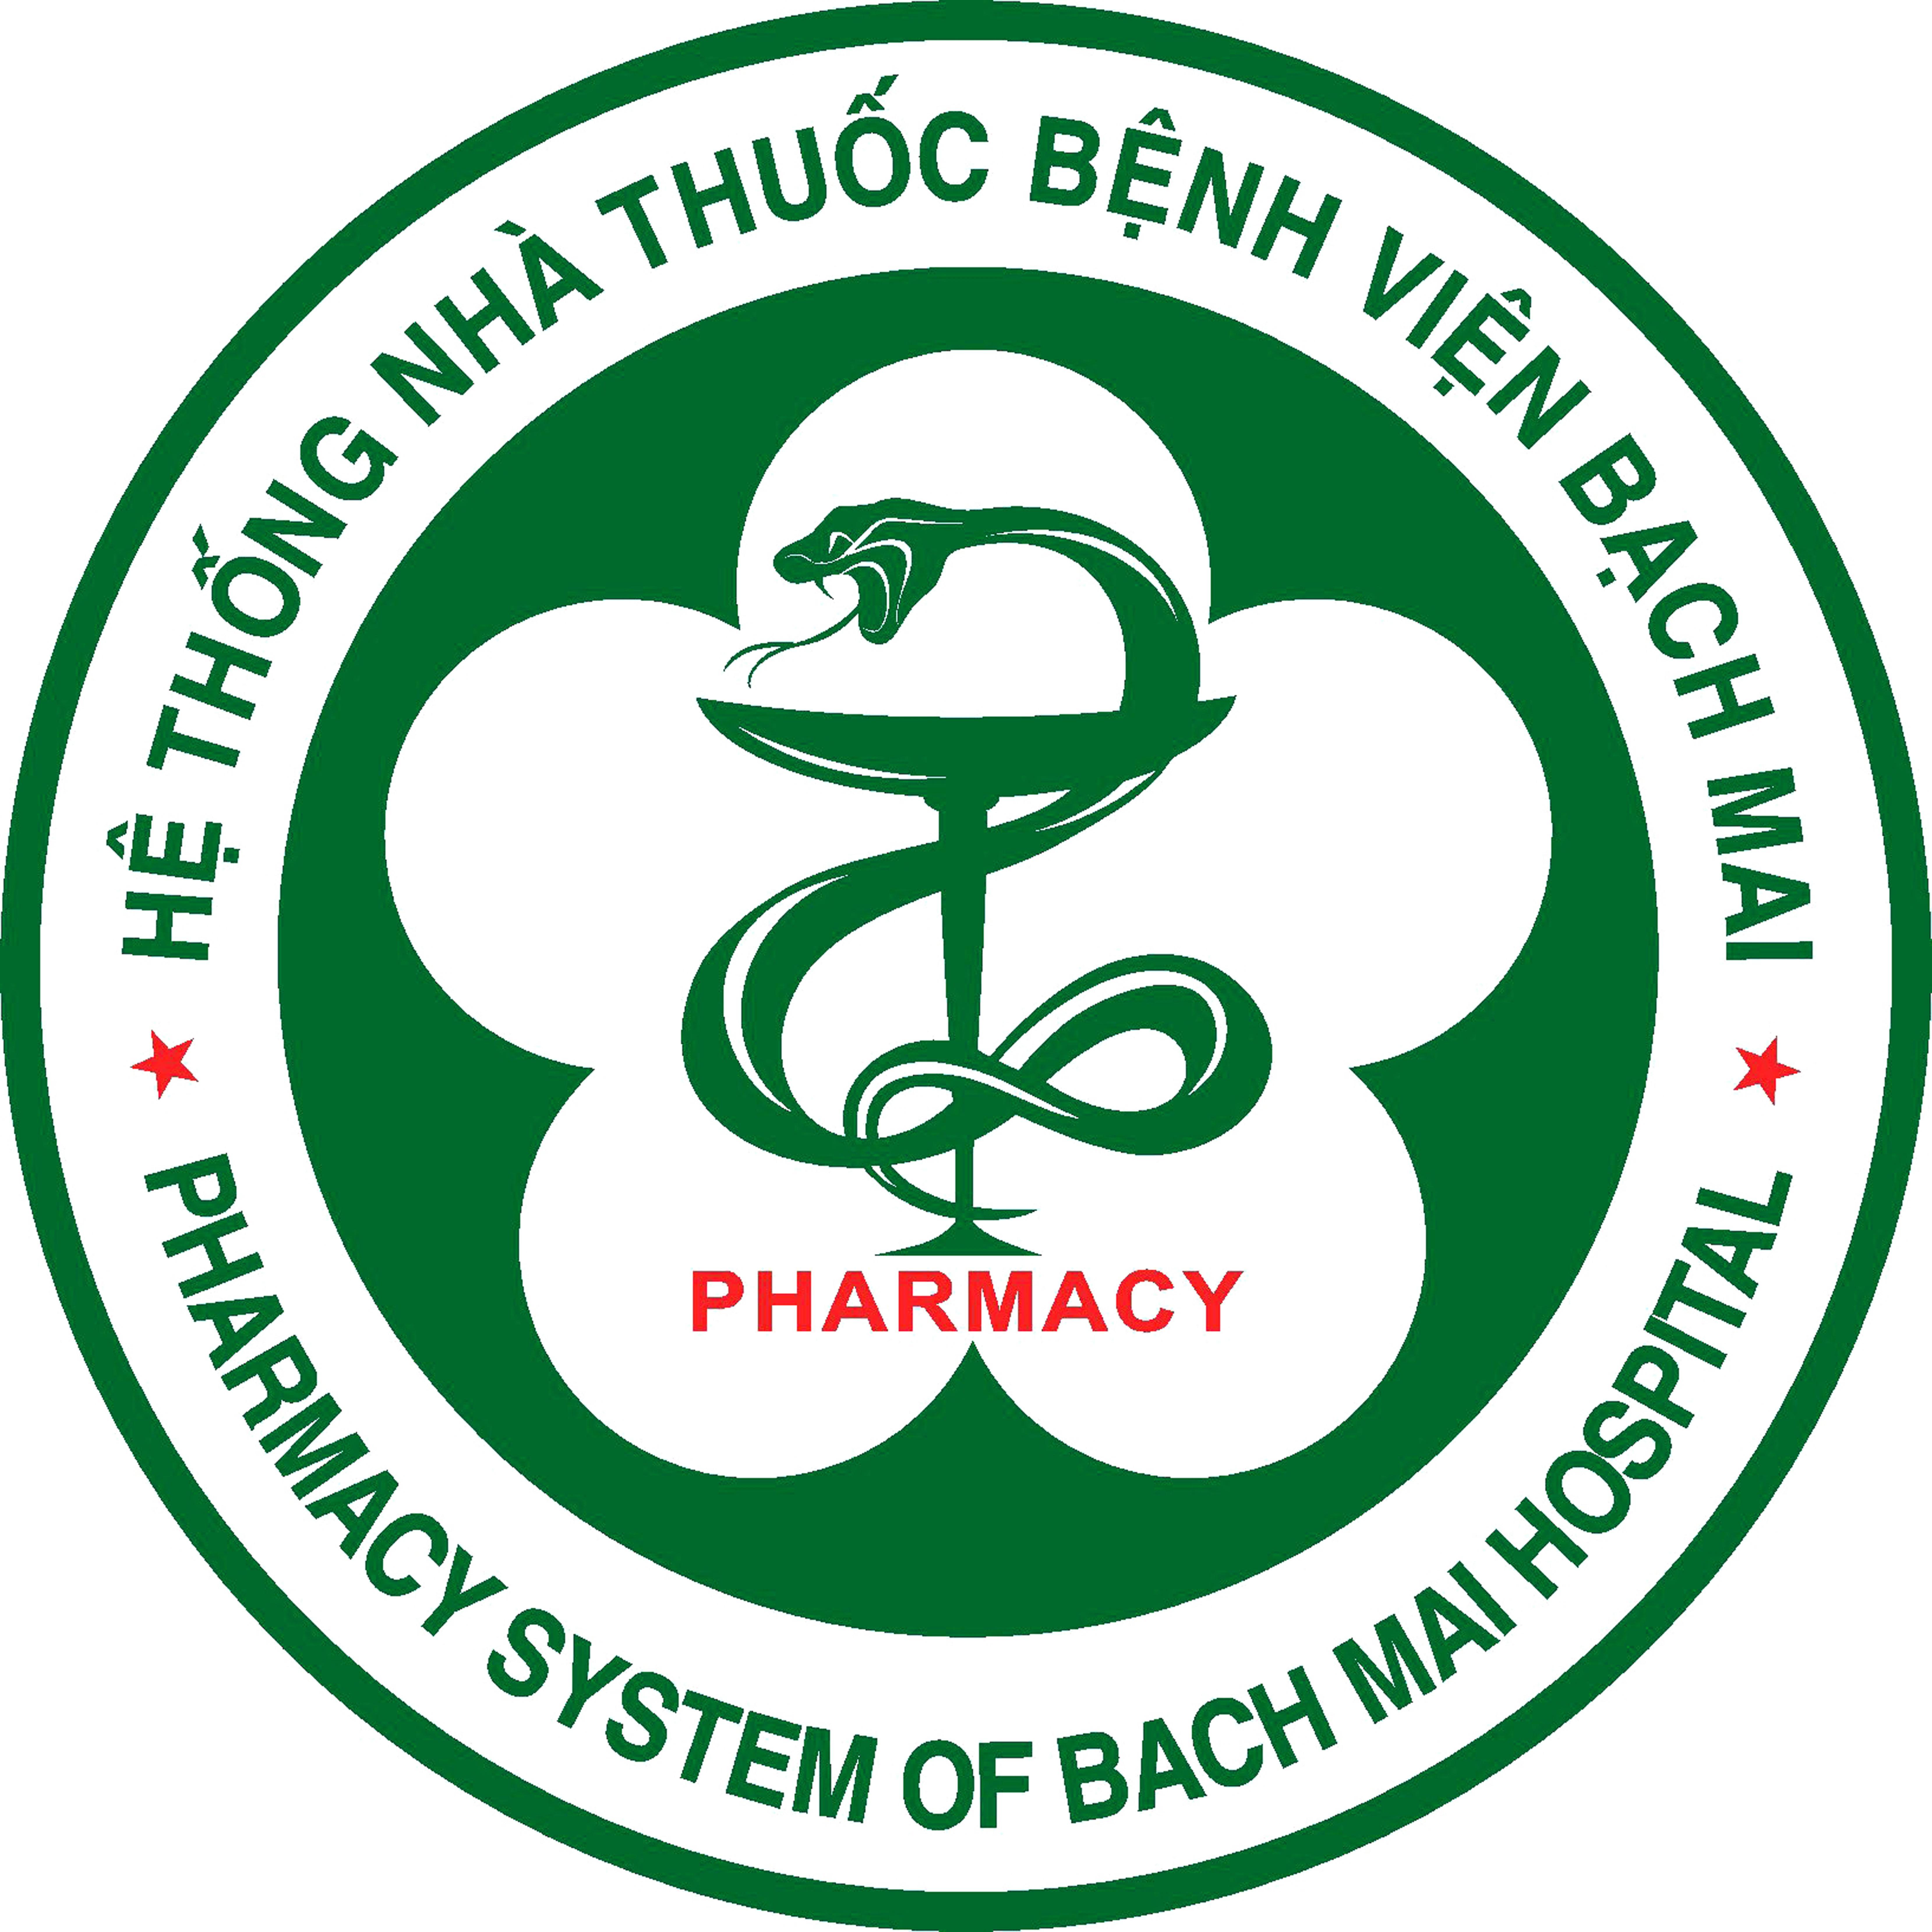 BACH MAI HOSPITAL HOUSE SYSTEM